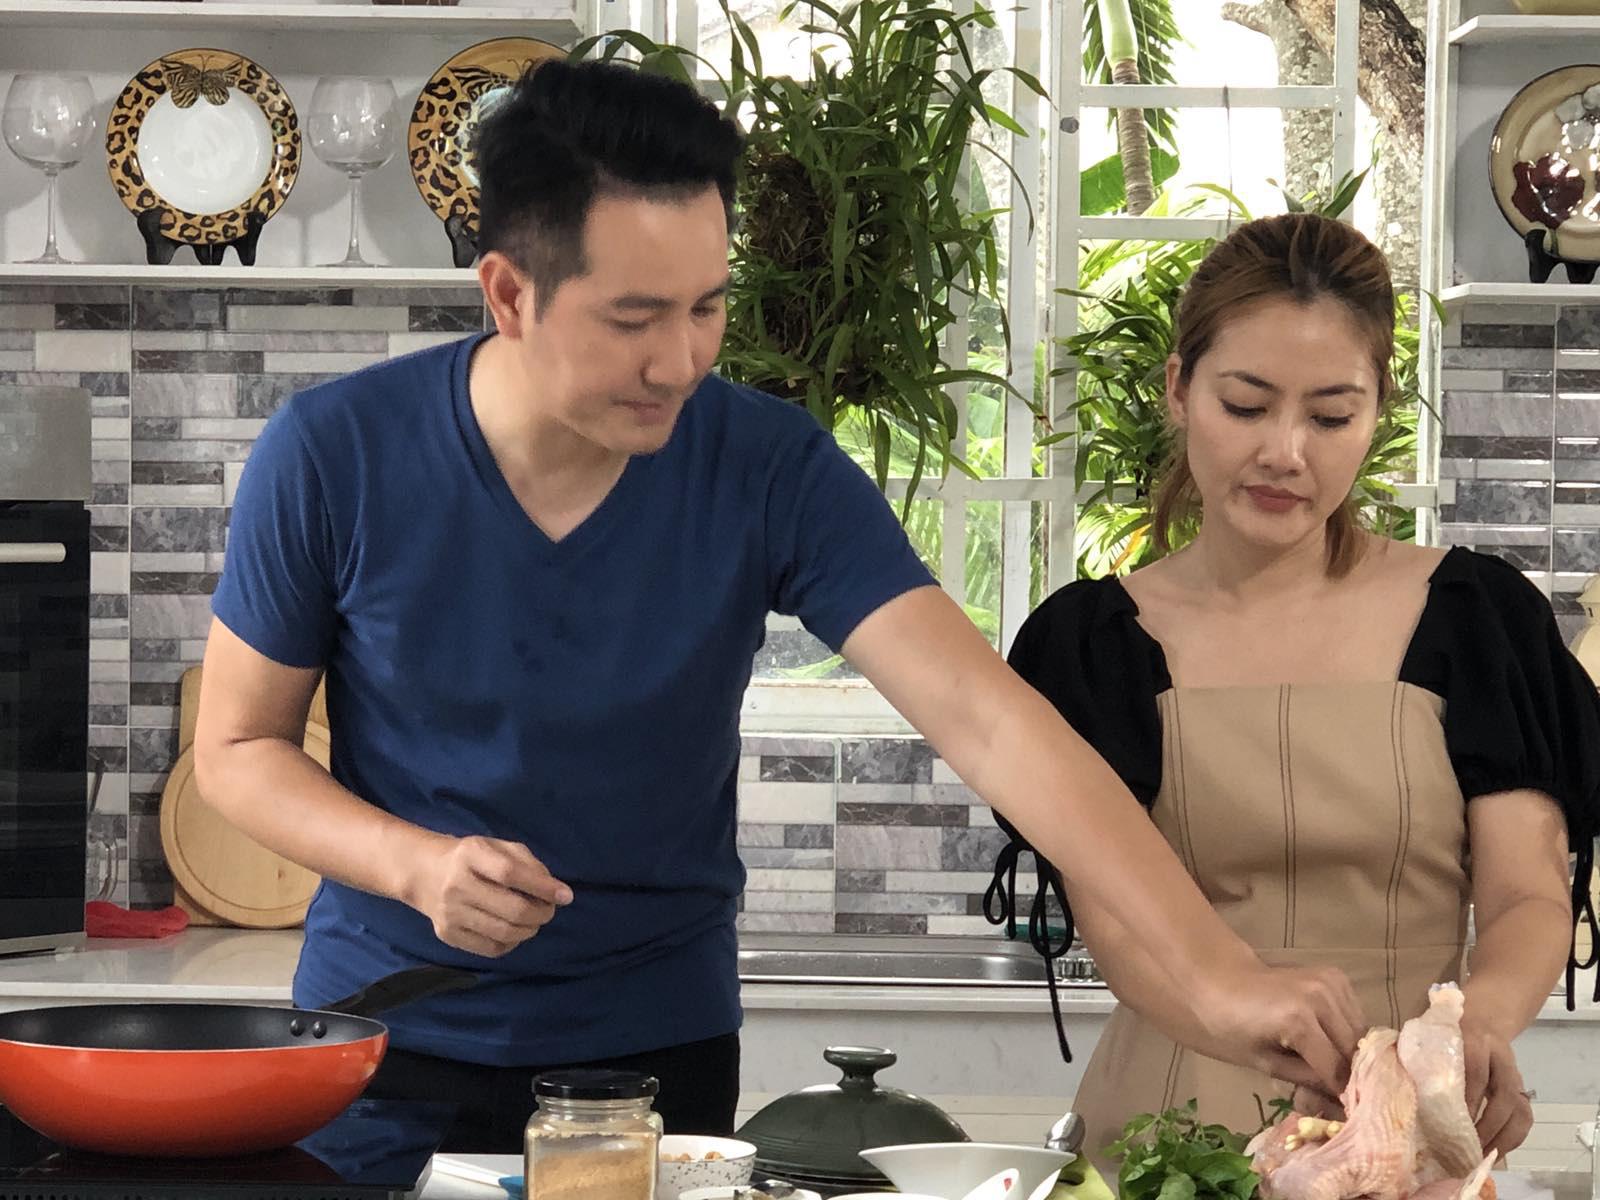 """Lần hiếm hoi hé lộ cuộc sống """"độc thân vui tính"""" của ca sĩ Nguyễn Phi Hùng - Ảnh 4."""